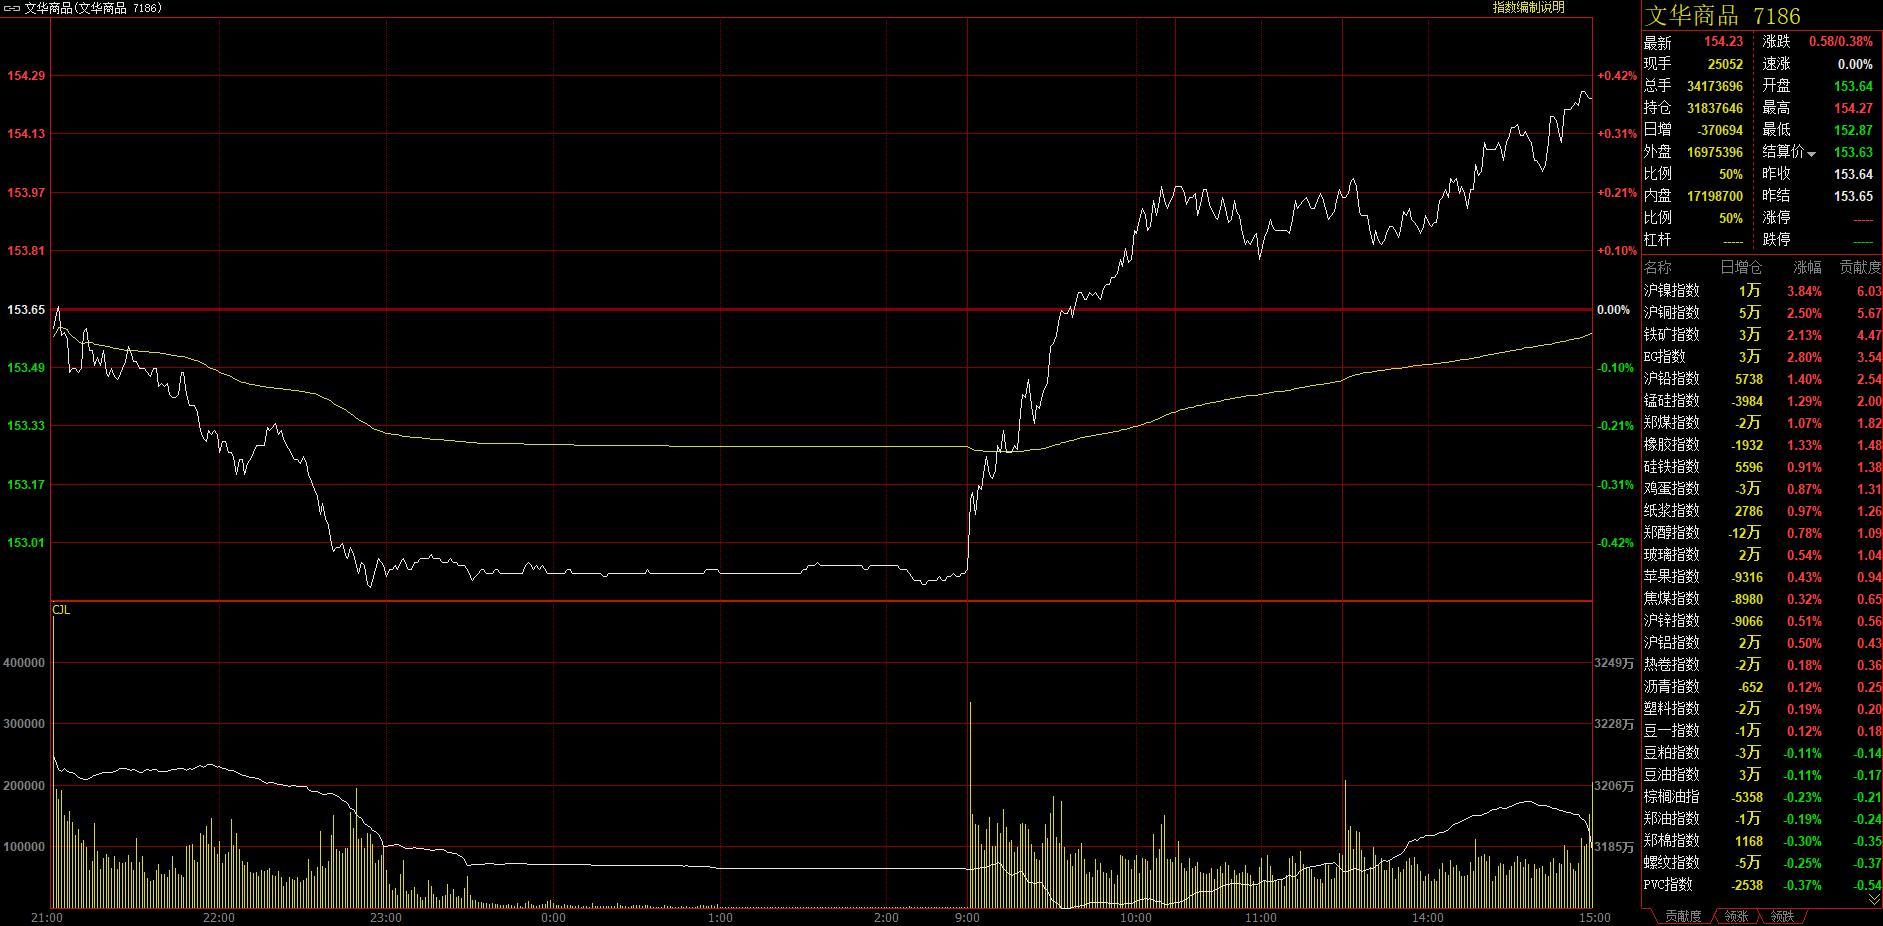 7月19日SC原油一度跌超4% 铁矿再度增仓涨破900点关口